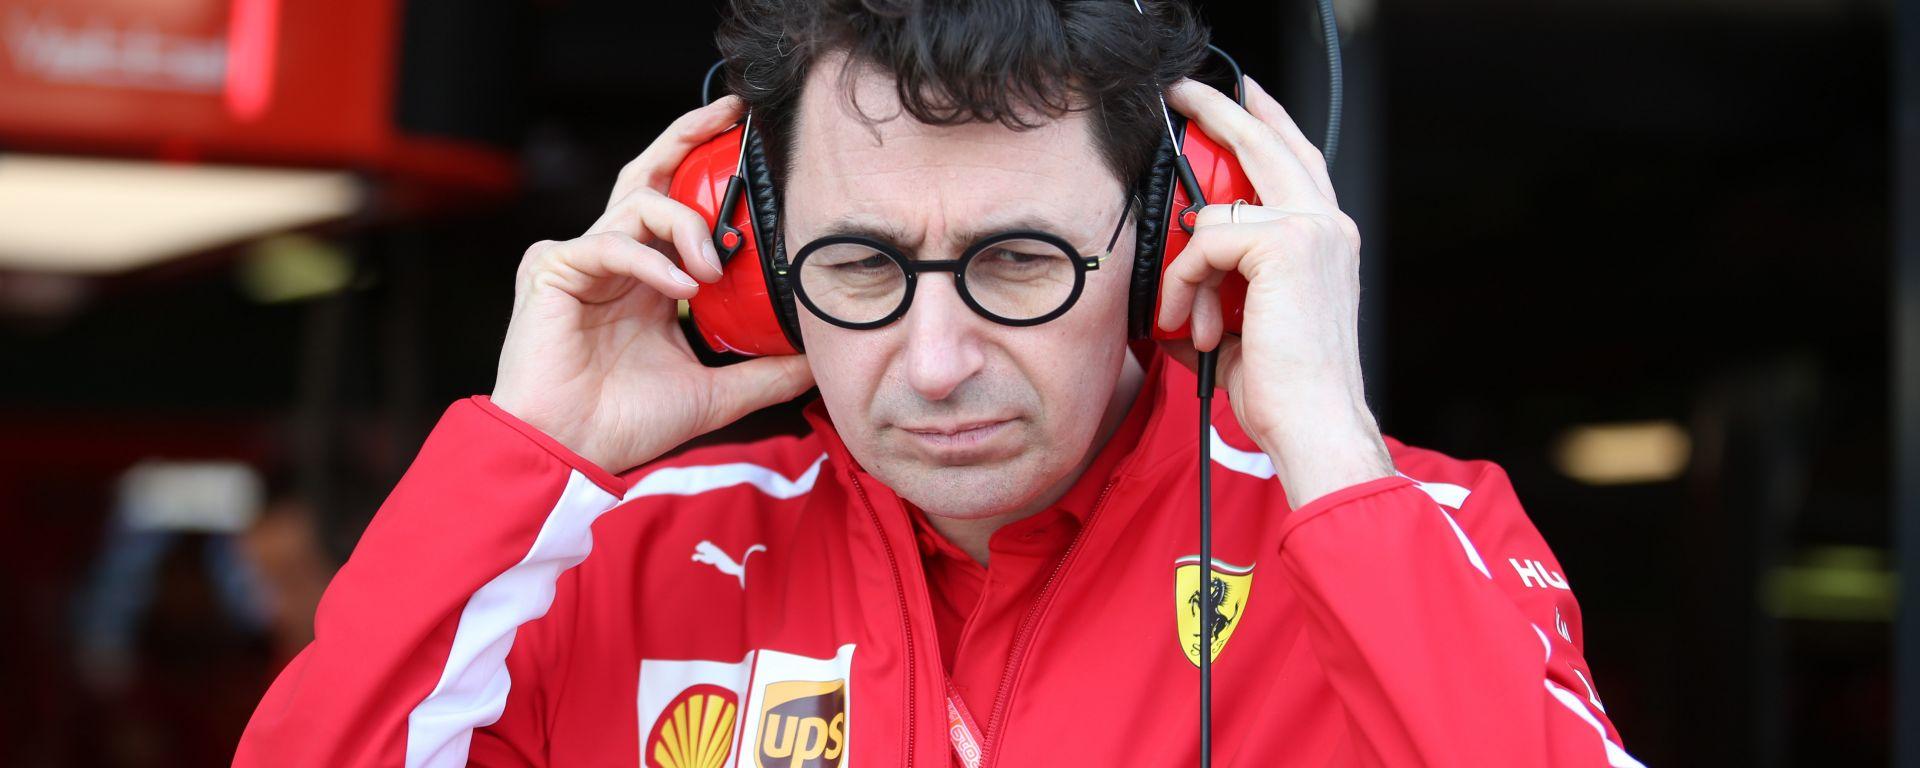 Mattia Binotto, è team principal della Ferrari da gennaio 2019